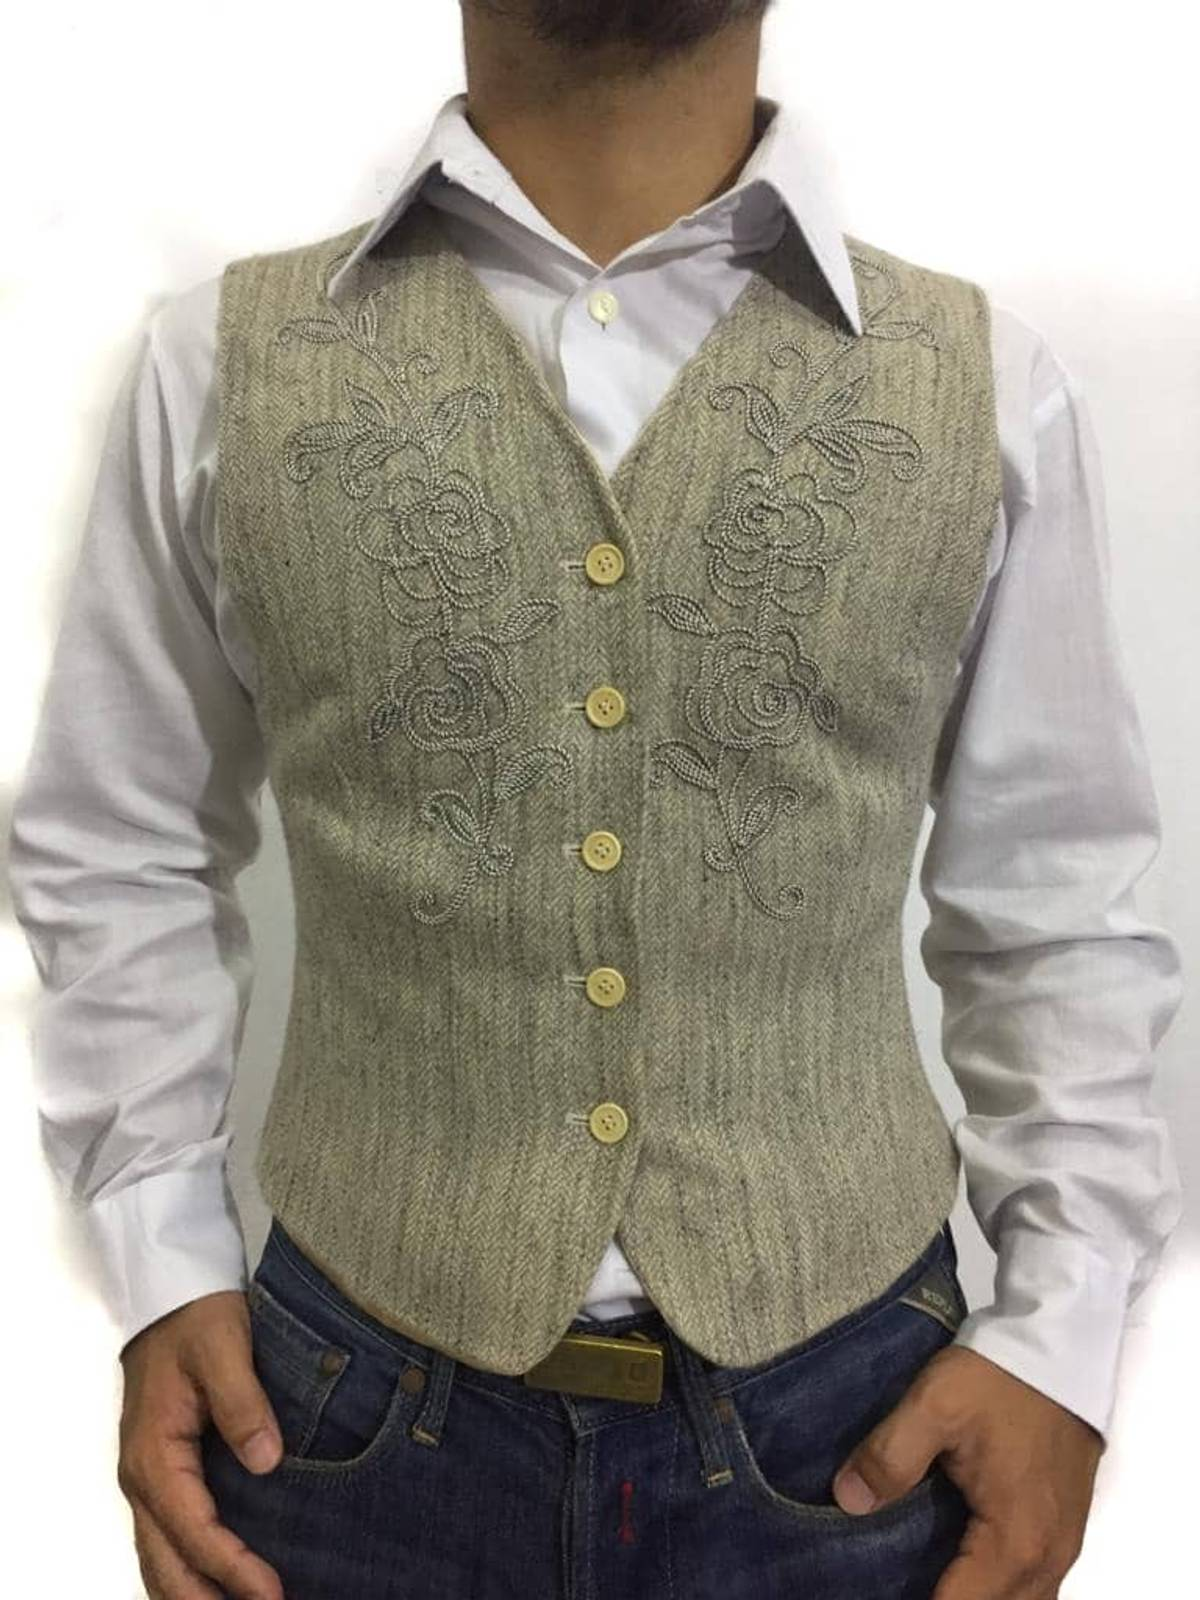 Vintage Kenzo Jacket Designer Jacket Size XS Jungle Kenzo Jacket Free Shipping US